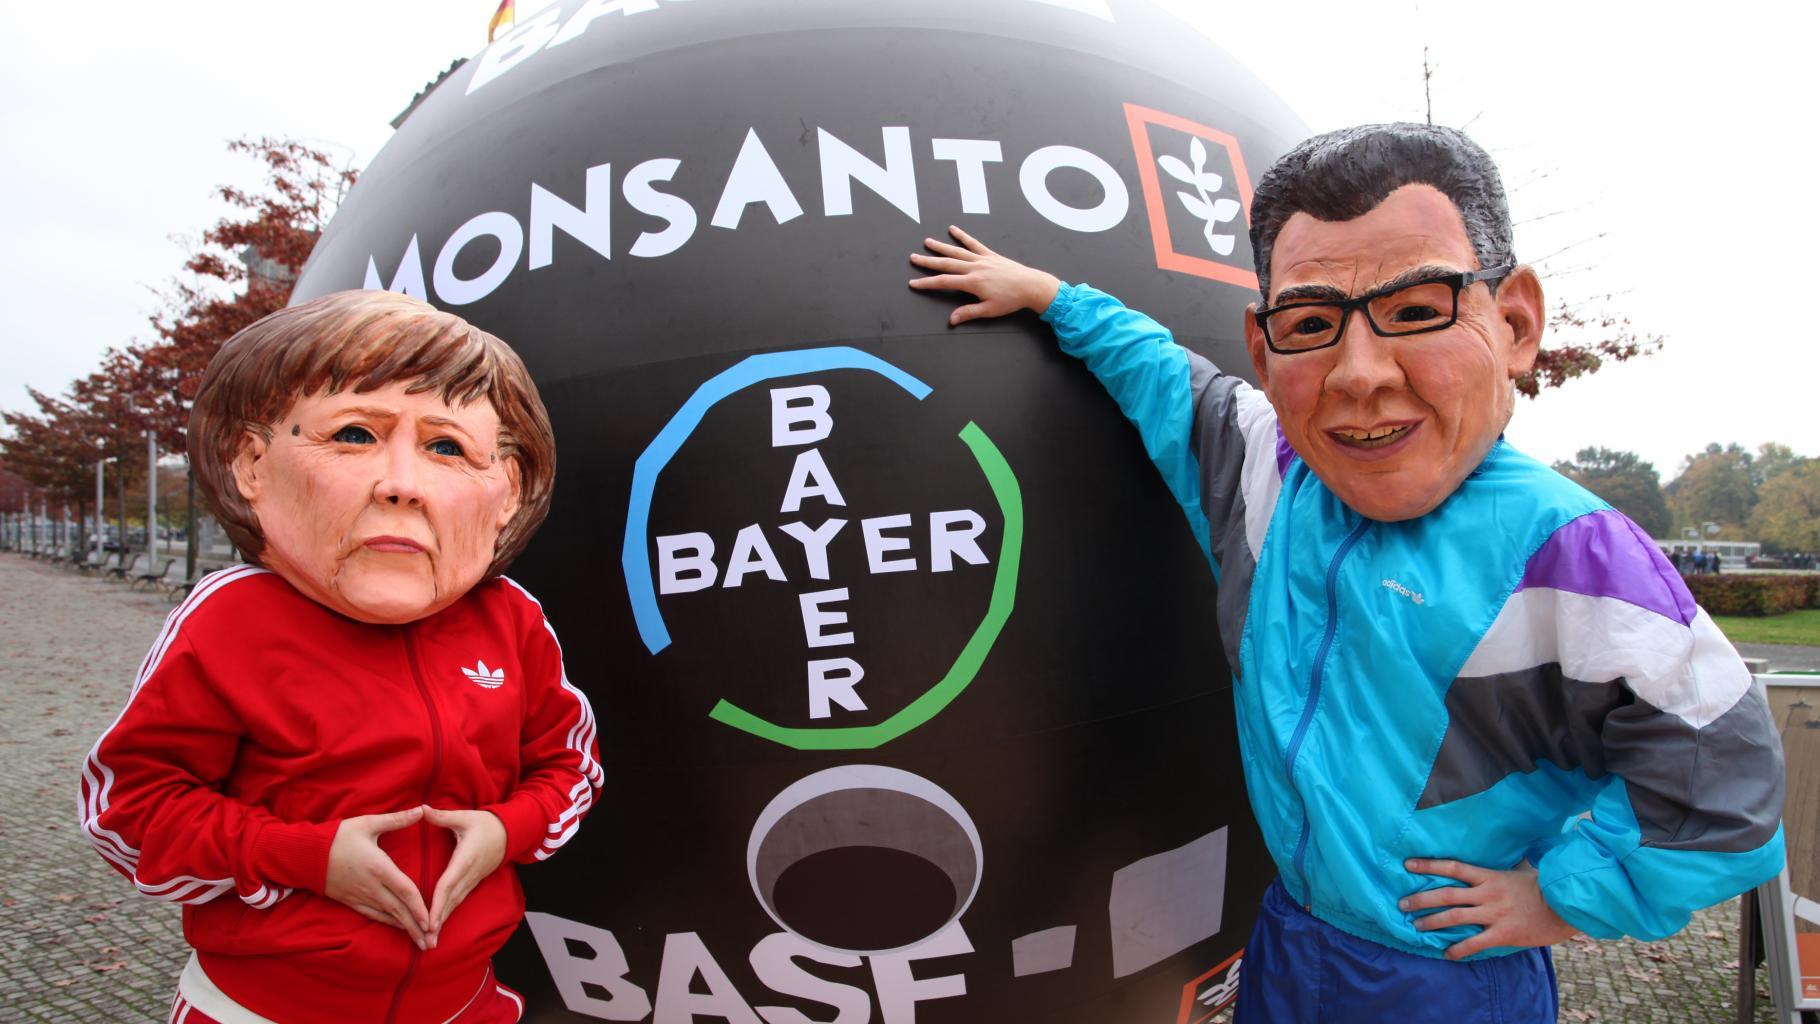 In Trainingsanzüge gekleidete Aktivist/innen mit Masken von Angela Merkel und Gerd Müller posieren neben einer sie überragenden Bowlingkugel mit den Logos von Monsanto, Bayer und BASF.